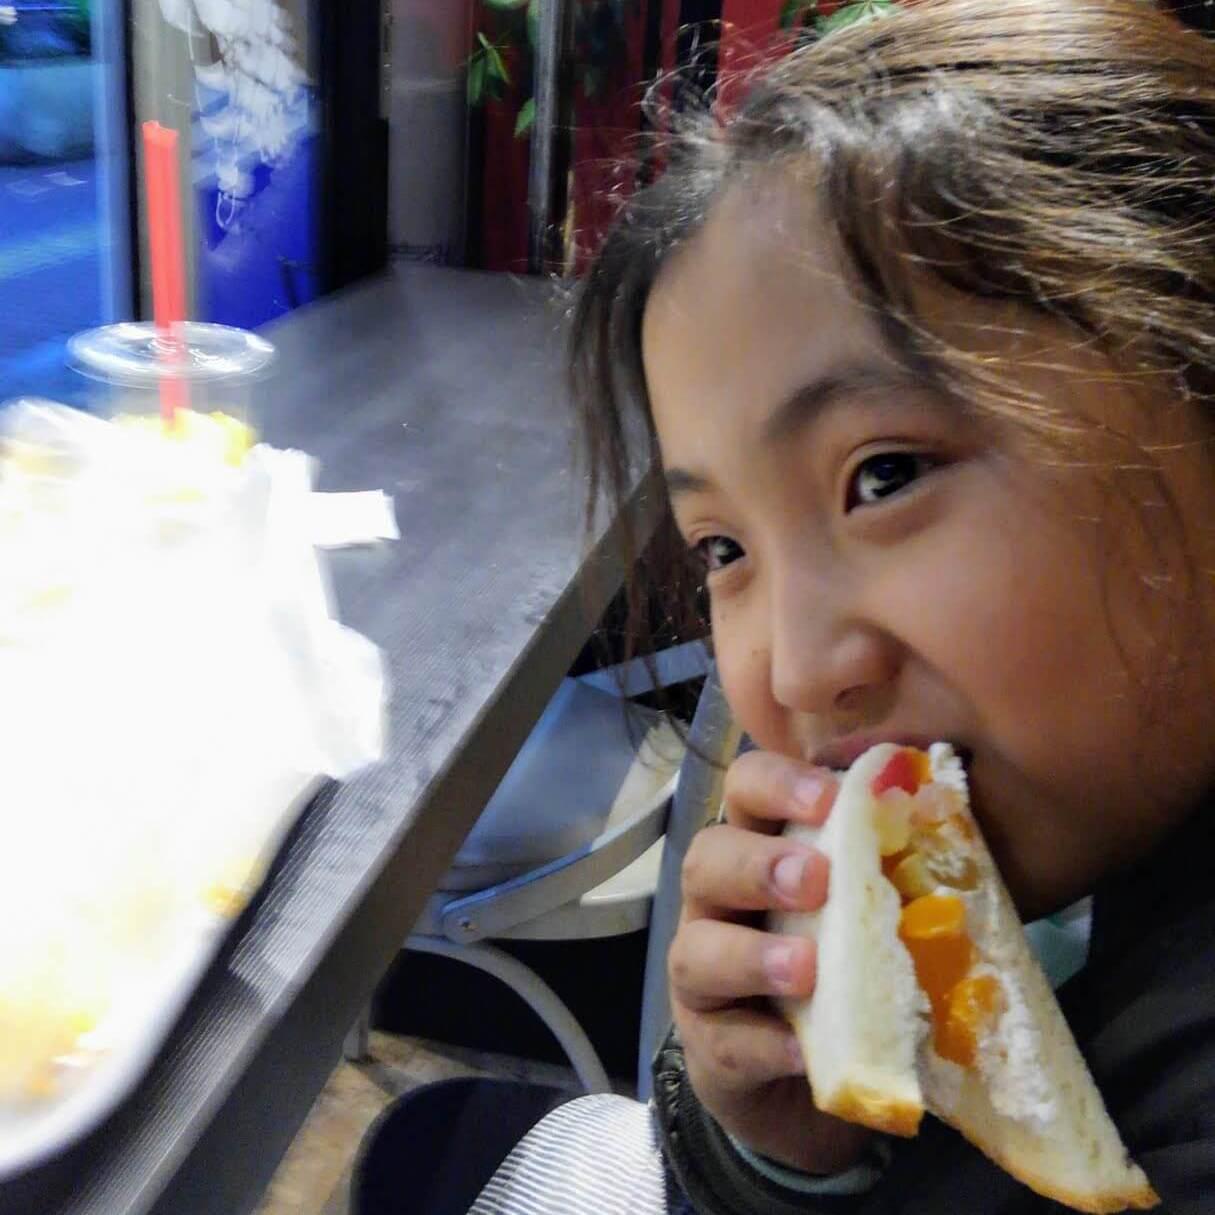 店チョさんへ。娘はトントンさんのパンをまた食べられる!と喜んでいました